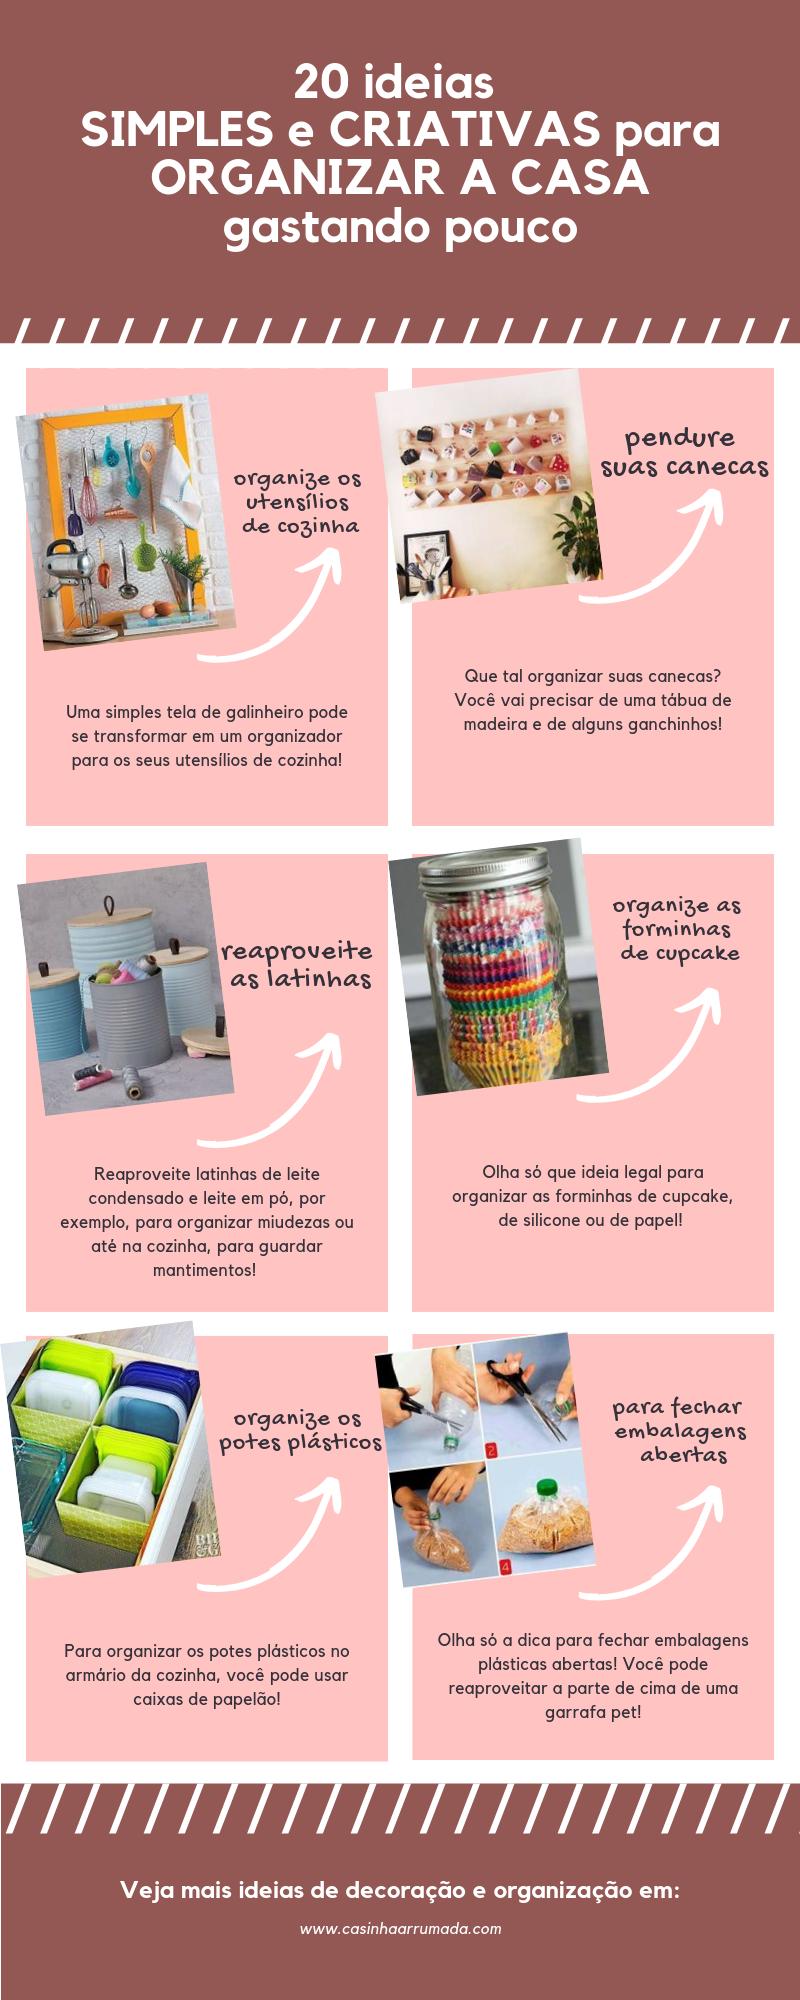 20 ideias simples e criativas para organizar a casa gastando pouco